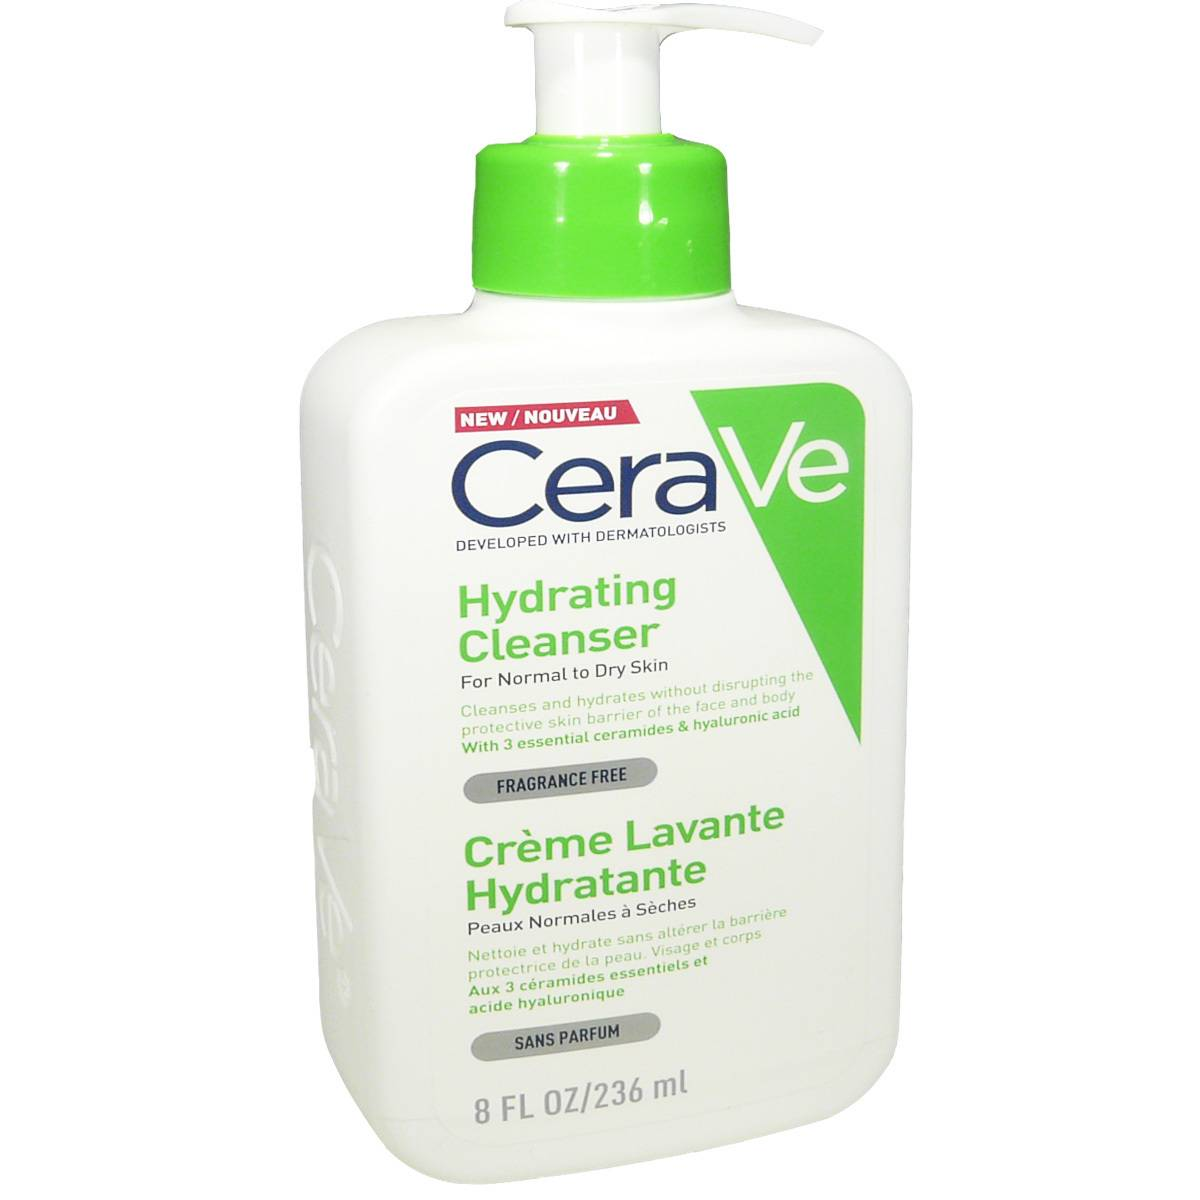 Cerave creme lavante hydratante 236 ml peaux normales a seches